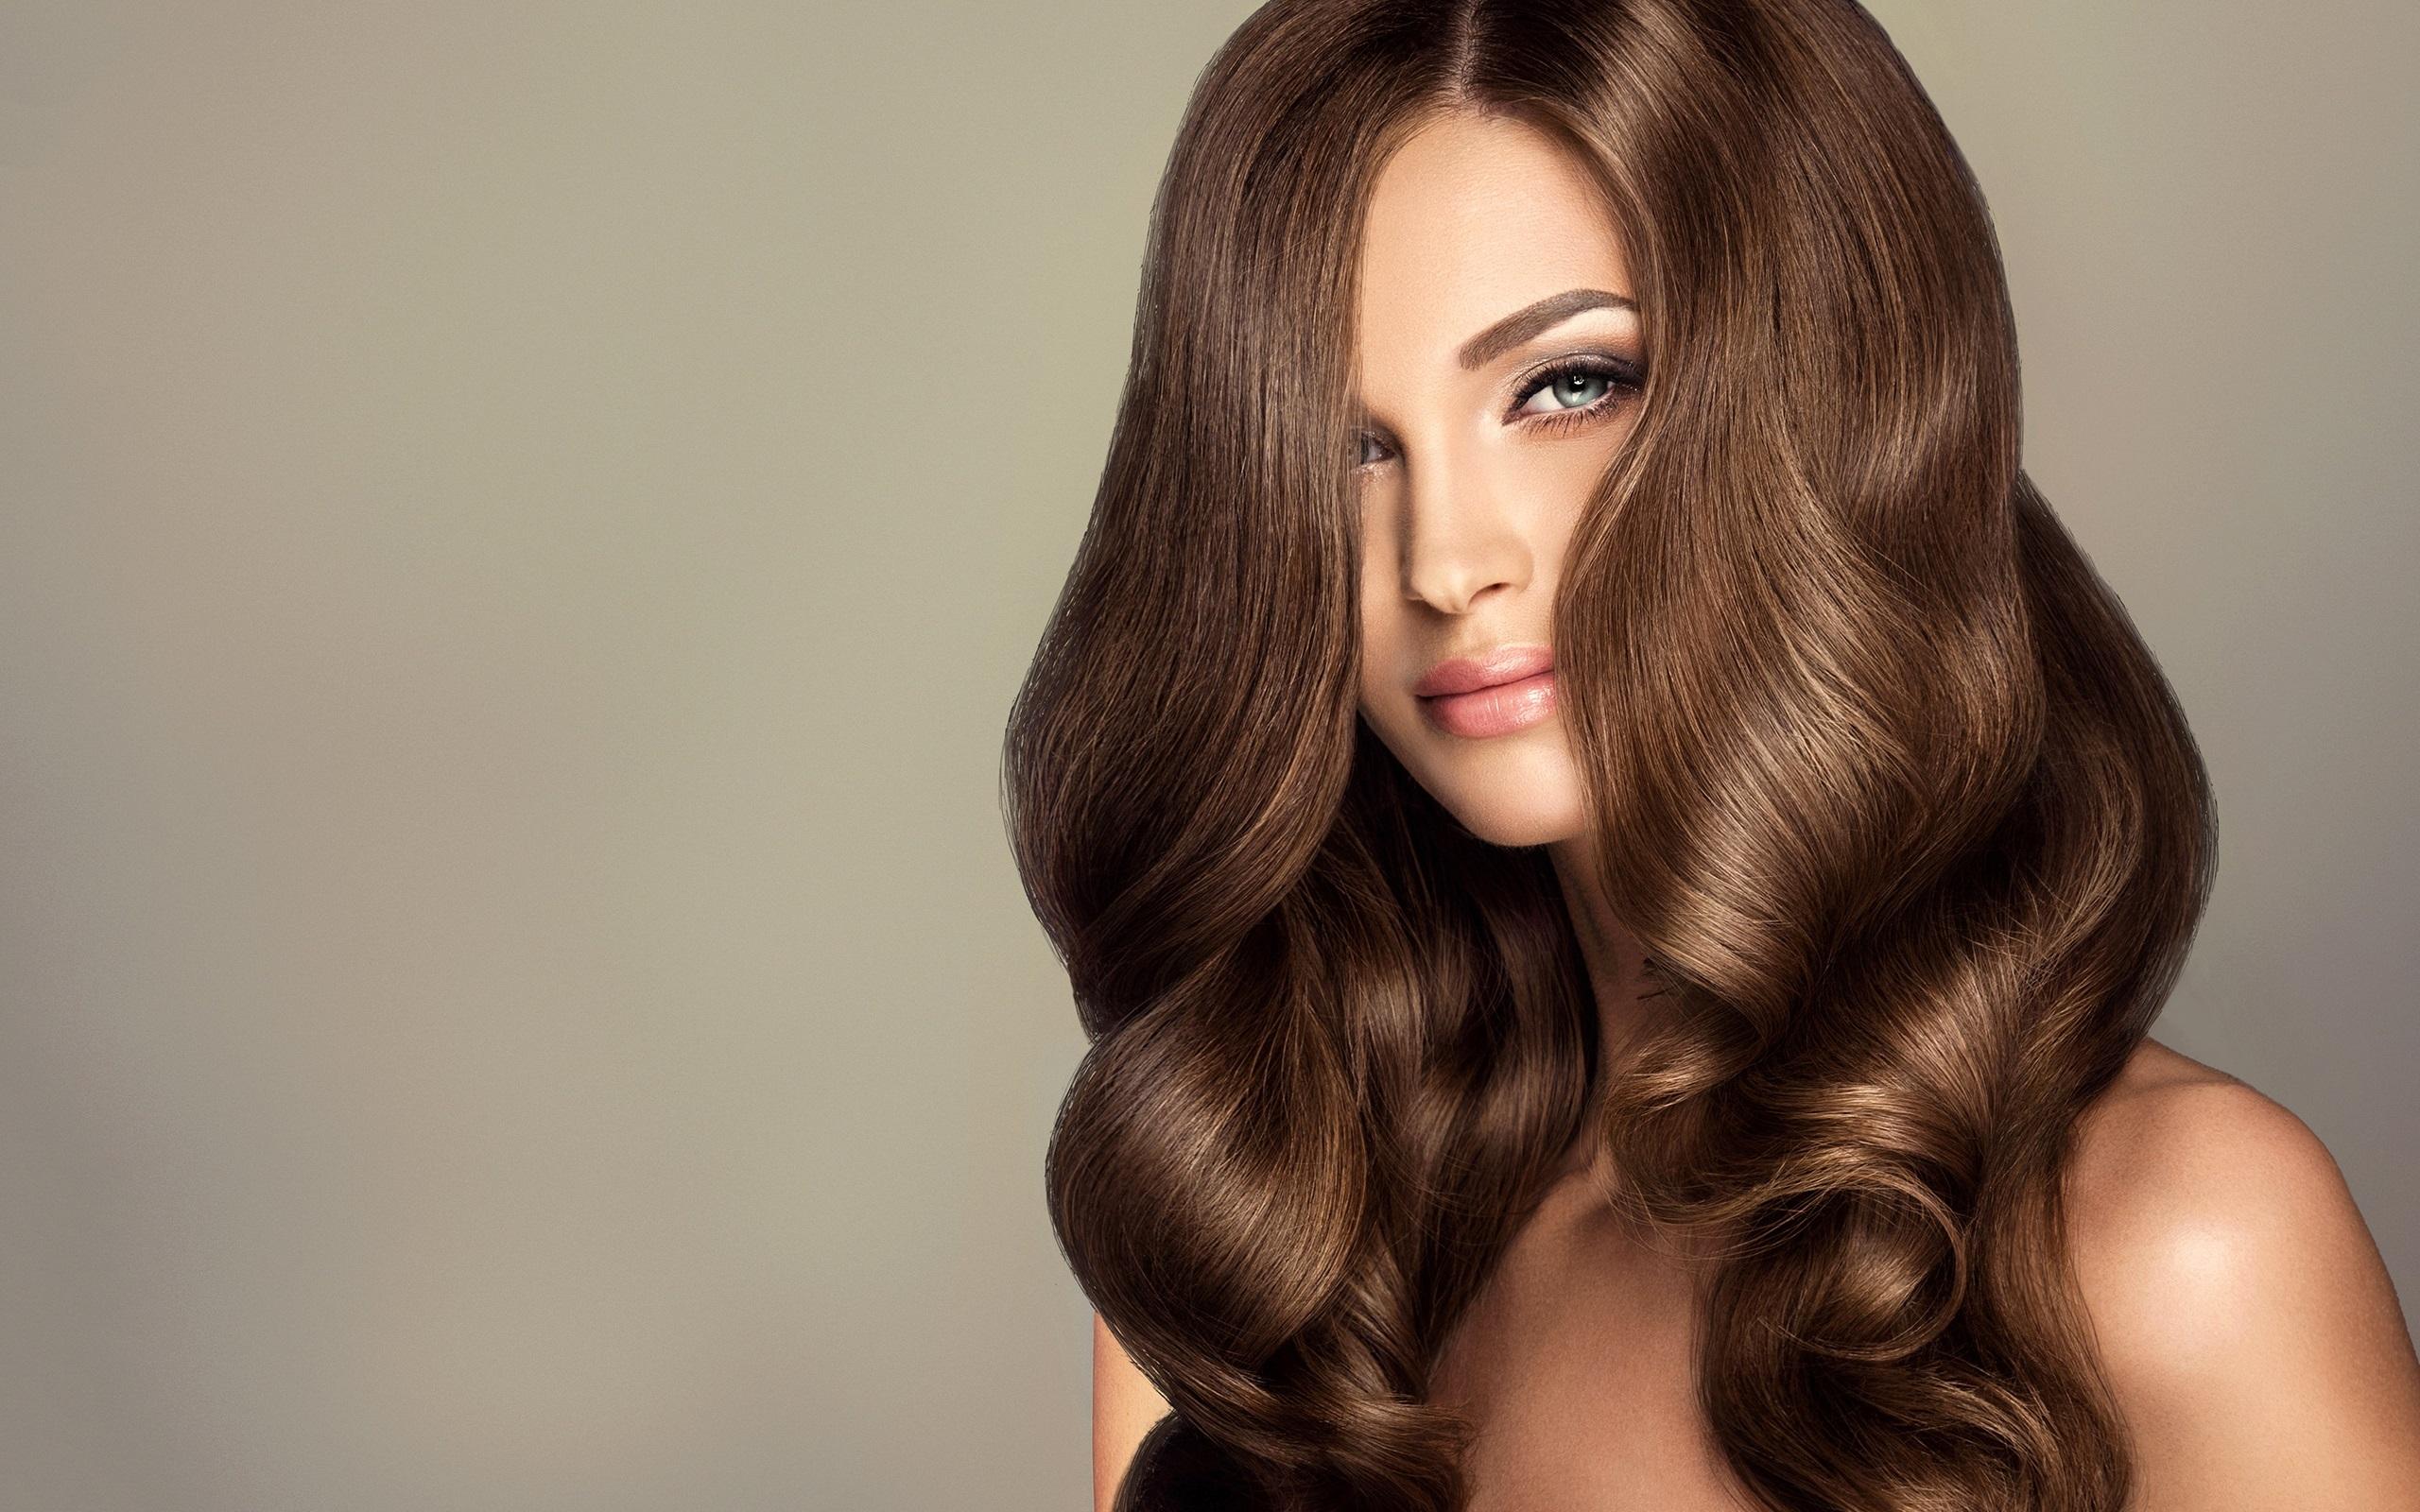 Fashion Beauty Hair: 배경 화면 패션 소녀, 머리 스타일, 갈색 곱슬 머리 2560x1600 HD 그림, 이미지